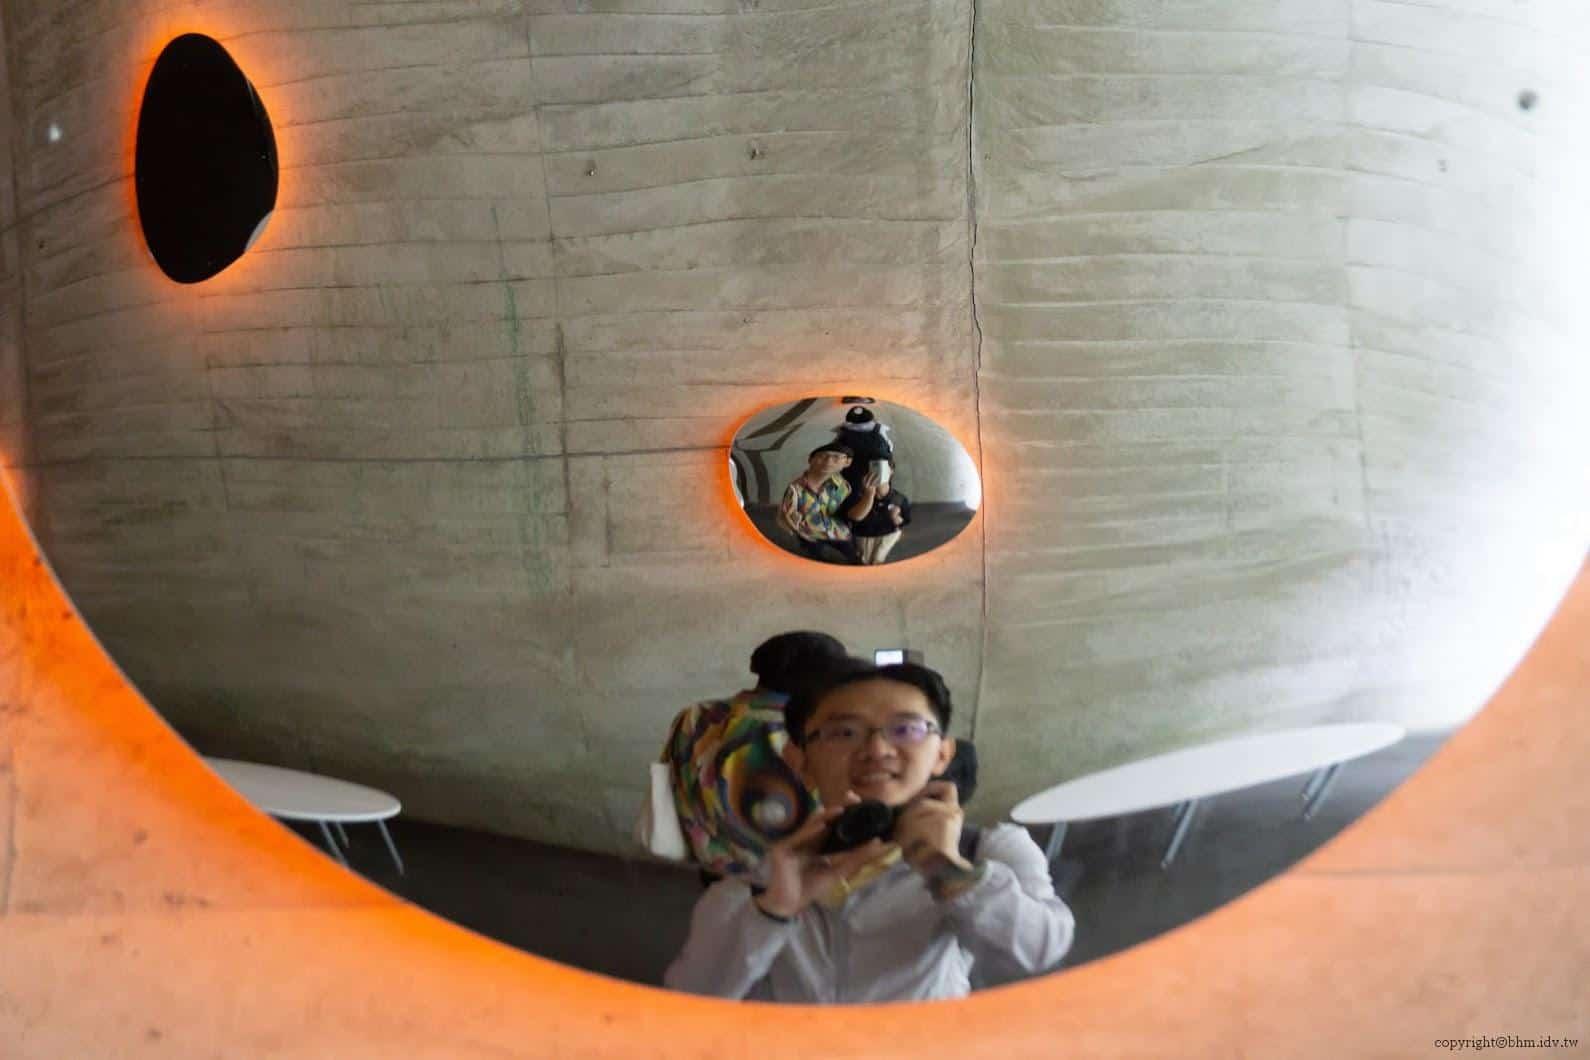 馬岩松,光洞,滴—火(第三觀景台),我在看自己也在看別人,對面的人亦同。對方真的有在看我嗎?我不知道,但對方也不知道我有沒有在看他,奇妙的視覺錯落體驗 越後妻有 光洞 periscopelight cave 18